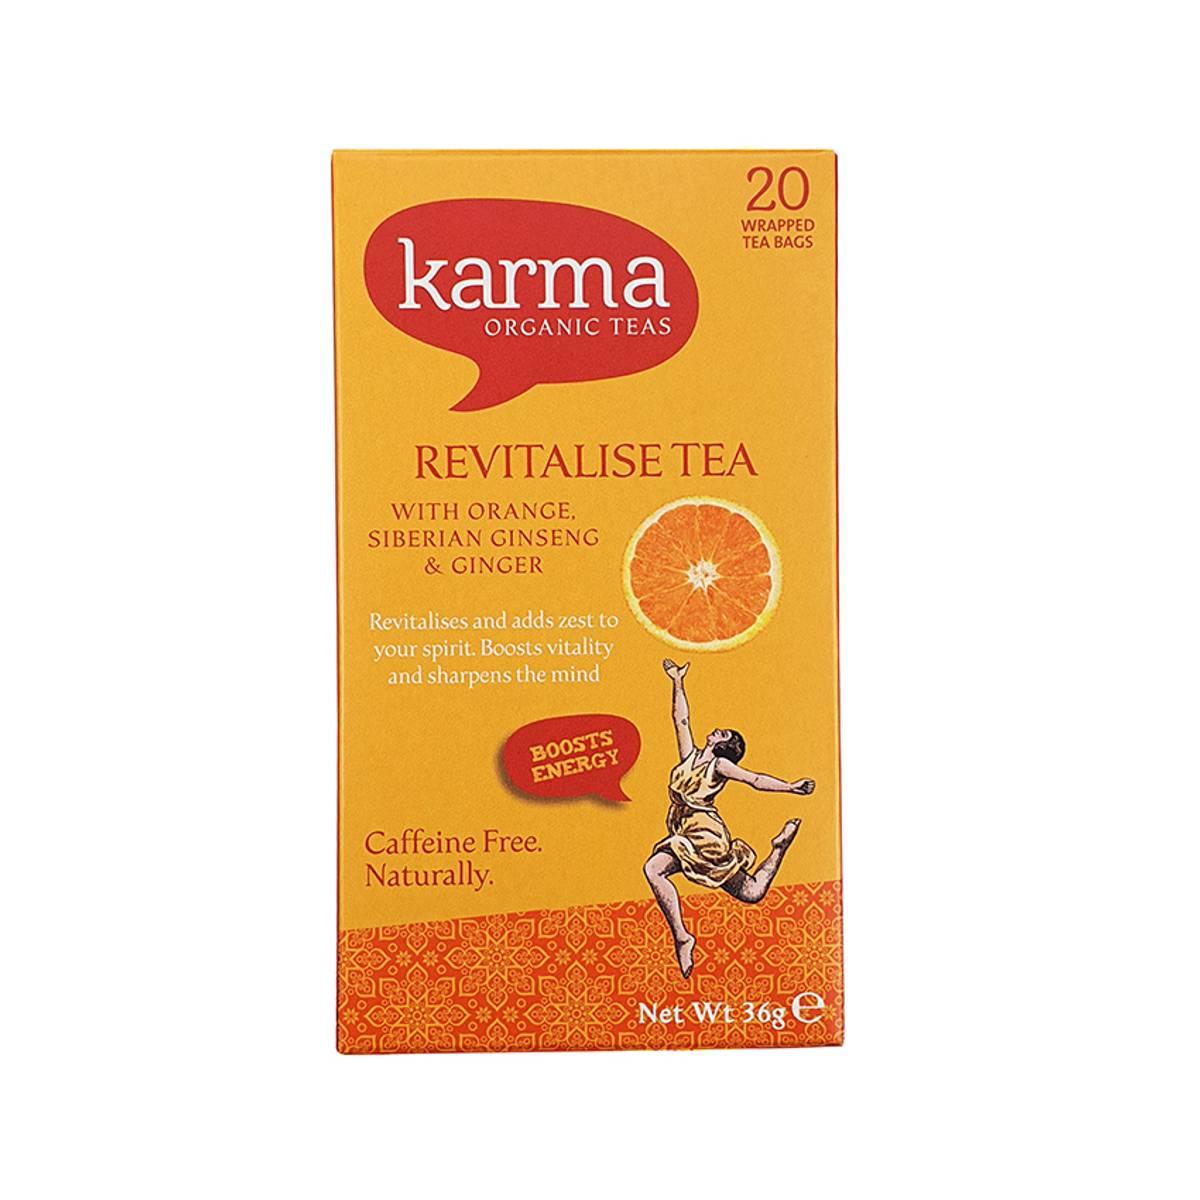 Revitalise Tea